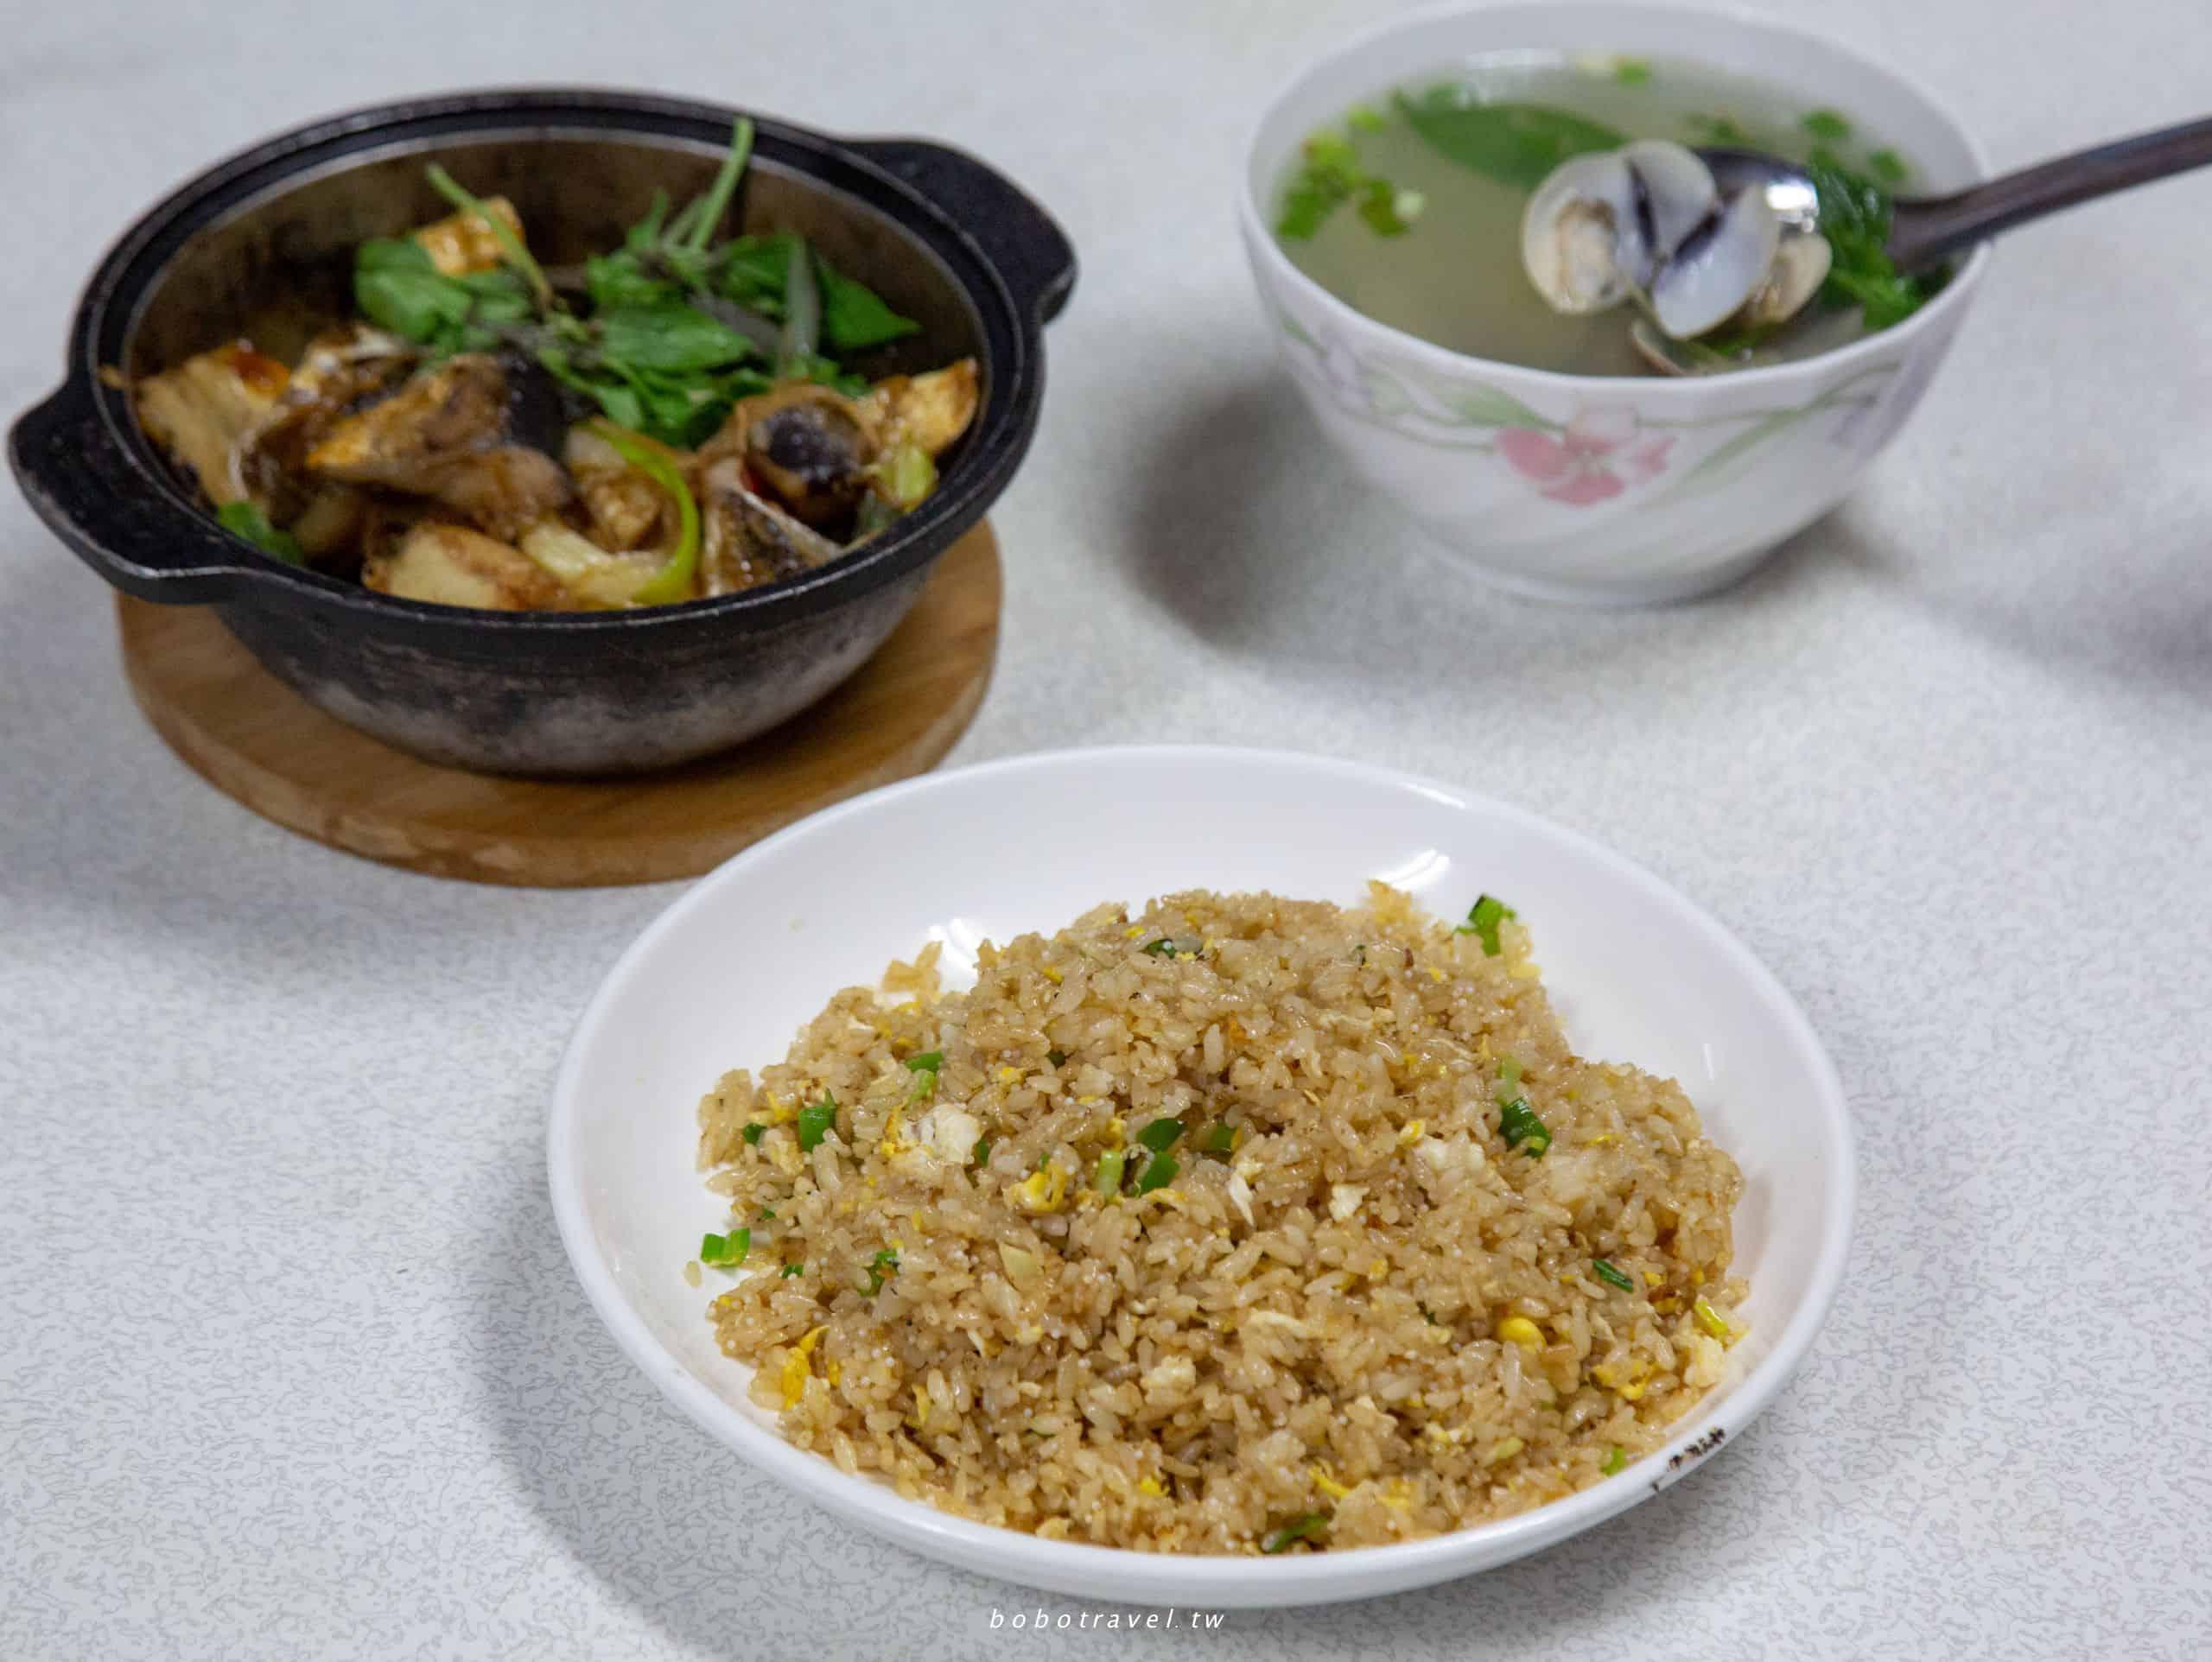 蘭嶼美食、開元小吃店|六十年老店飛魚卵炒飯,在地食材遇到台式料理的奇妙火花